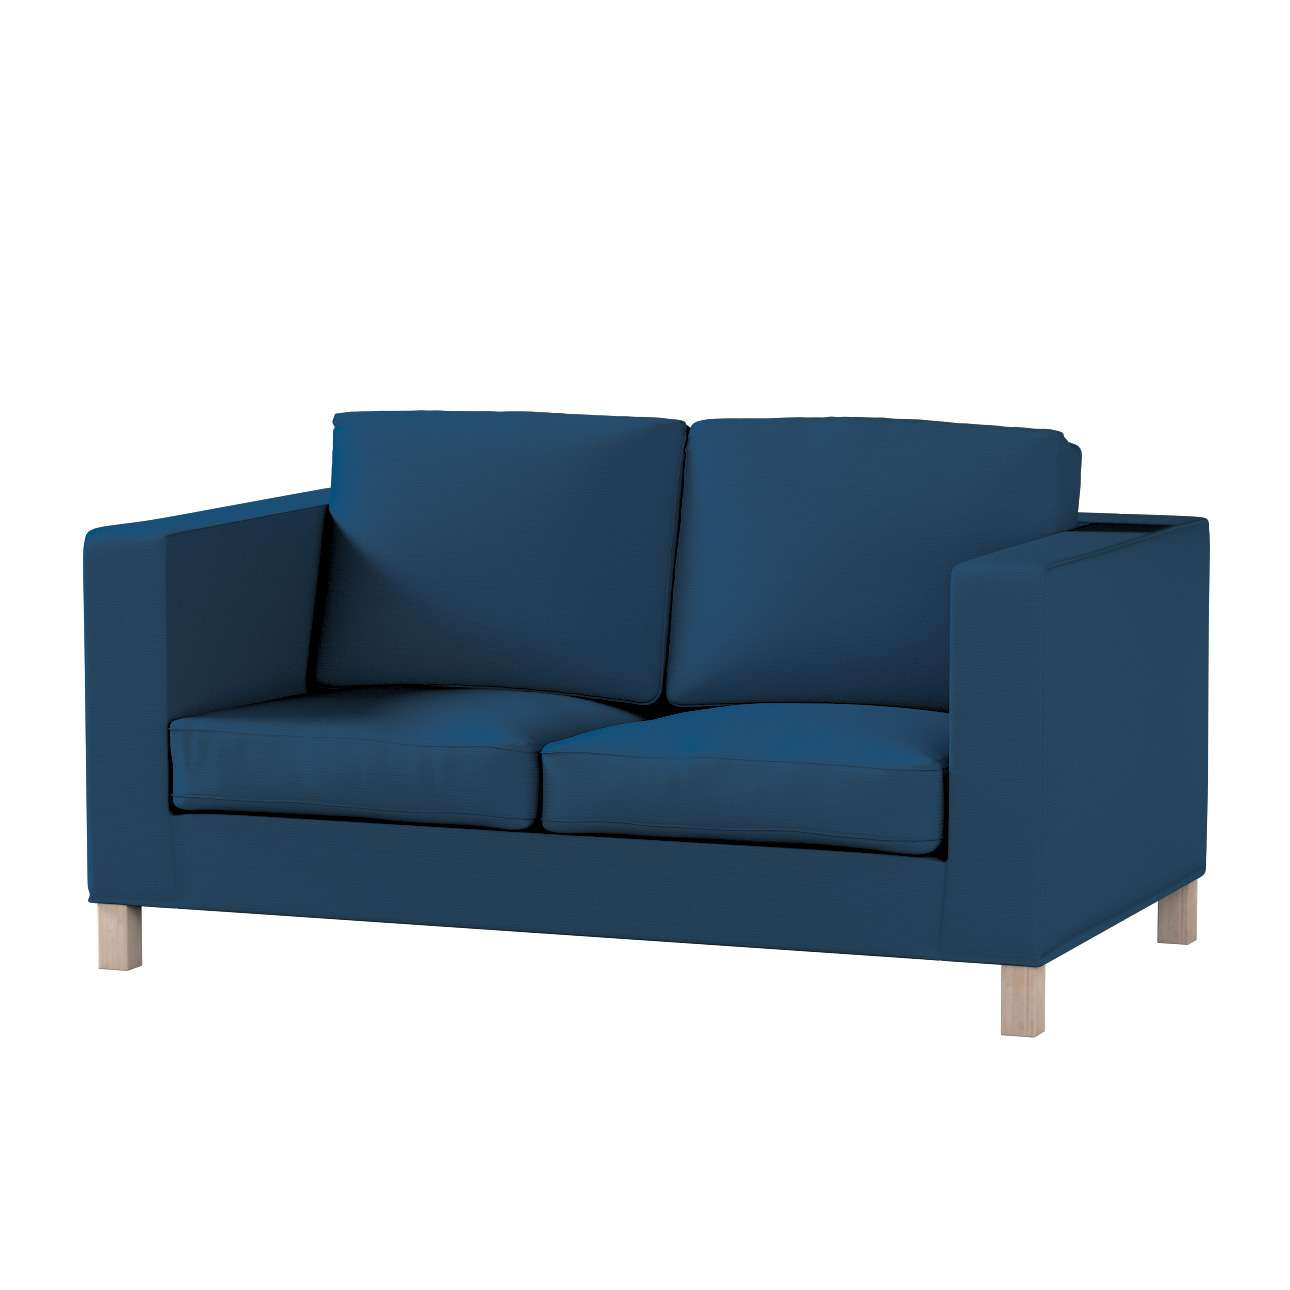 KARLANDA dvivietės sofos užvalkalas KARLANDA dvivietės sofos užvalkalas kolekcijoje Cotton Panama, audinys: 702-30